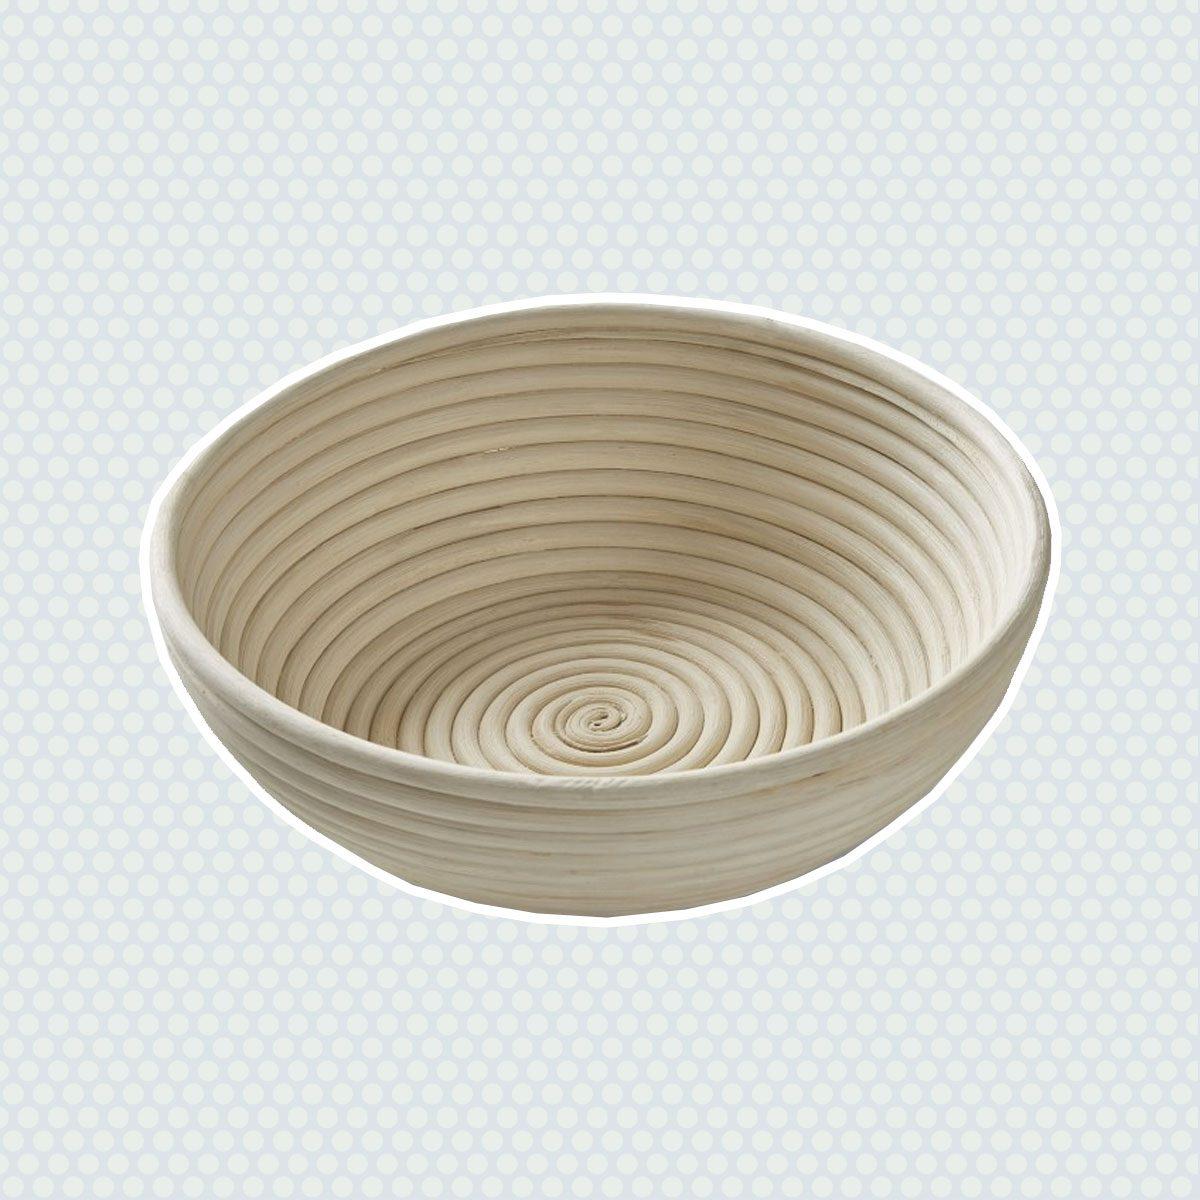 Brotform Proofing Basket, Round Loaf